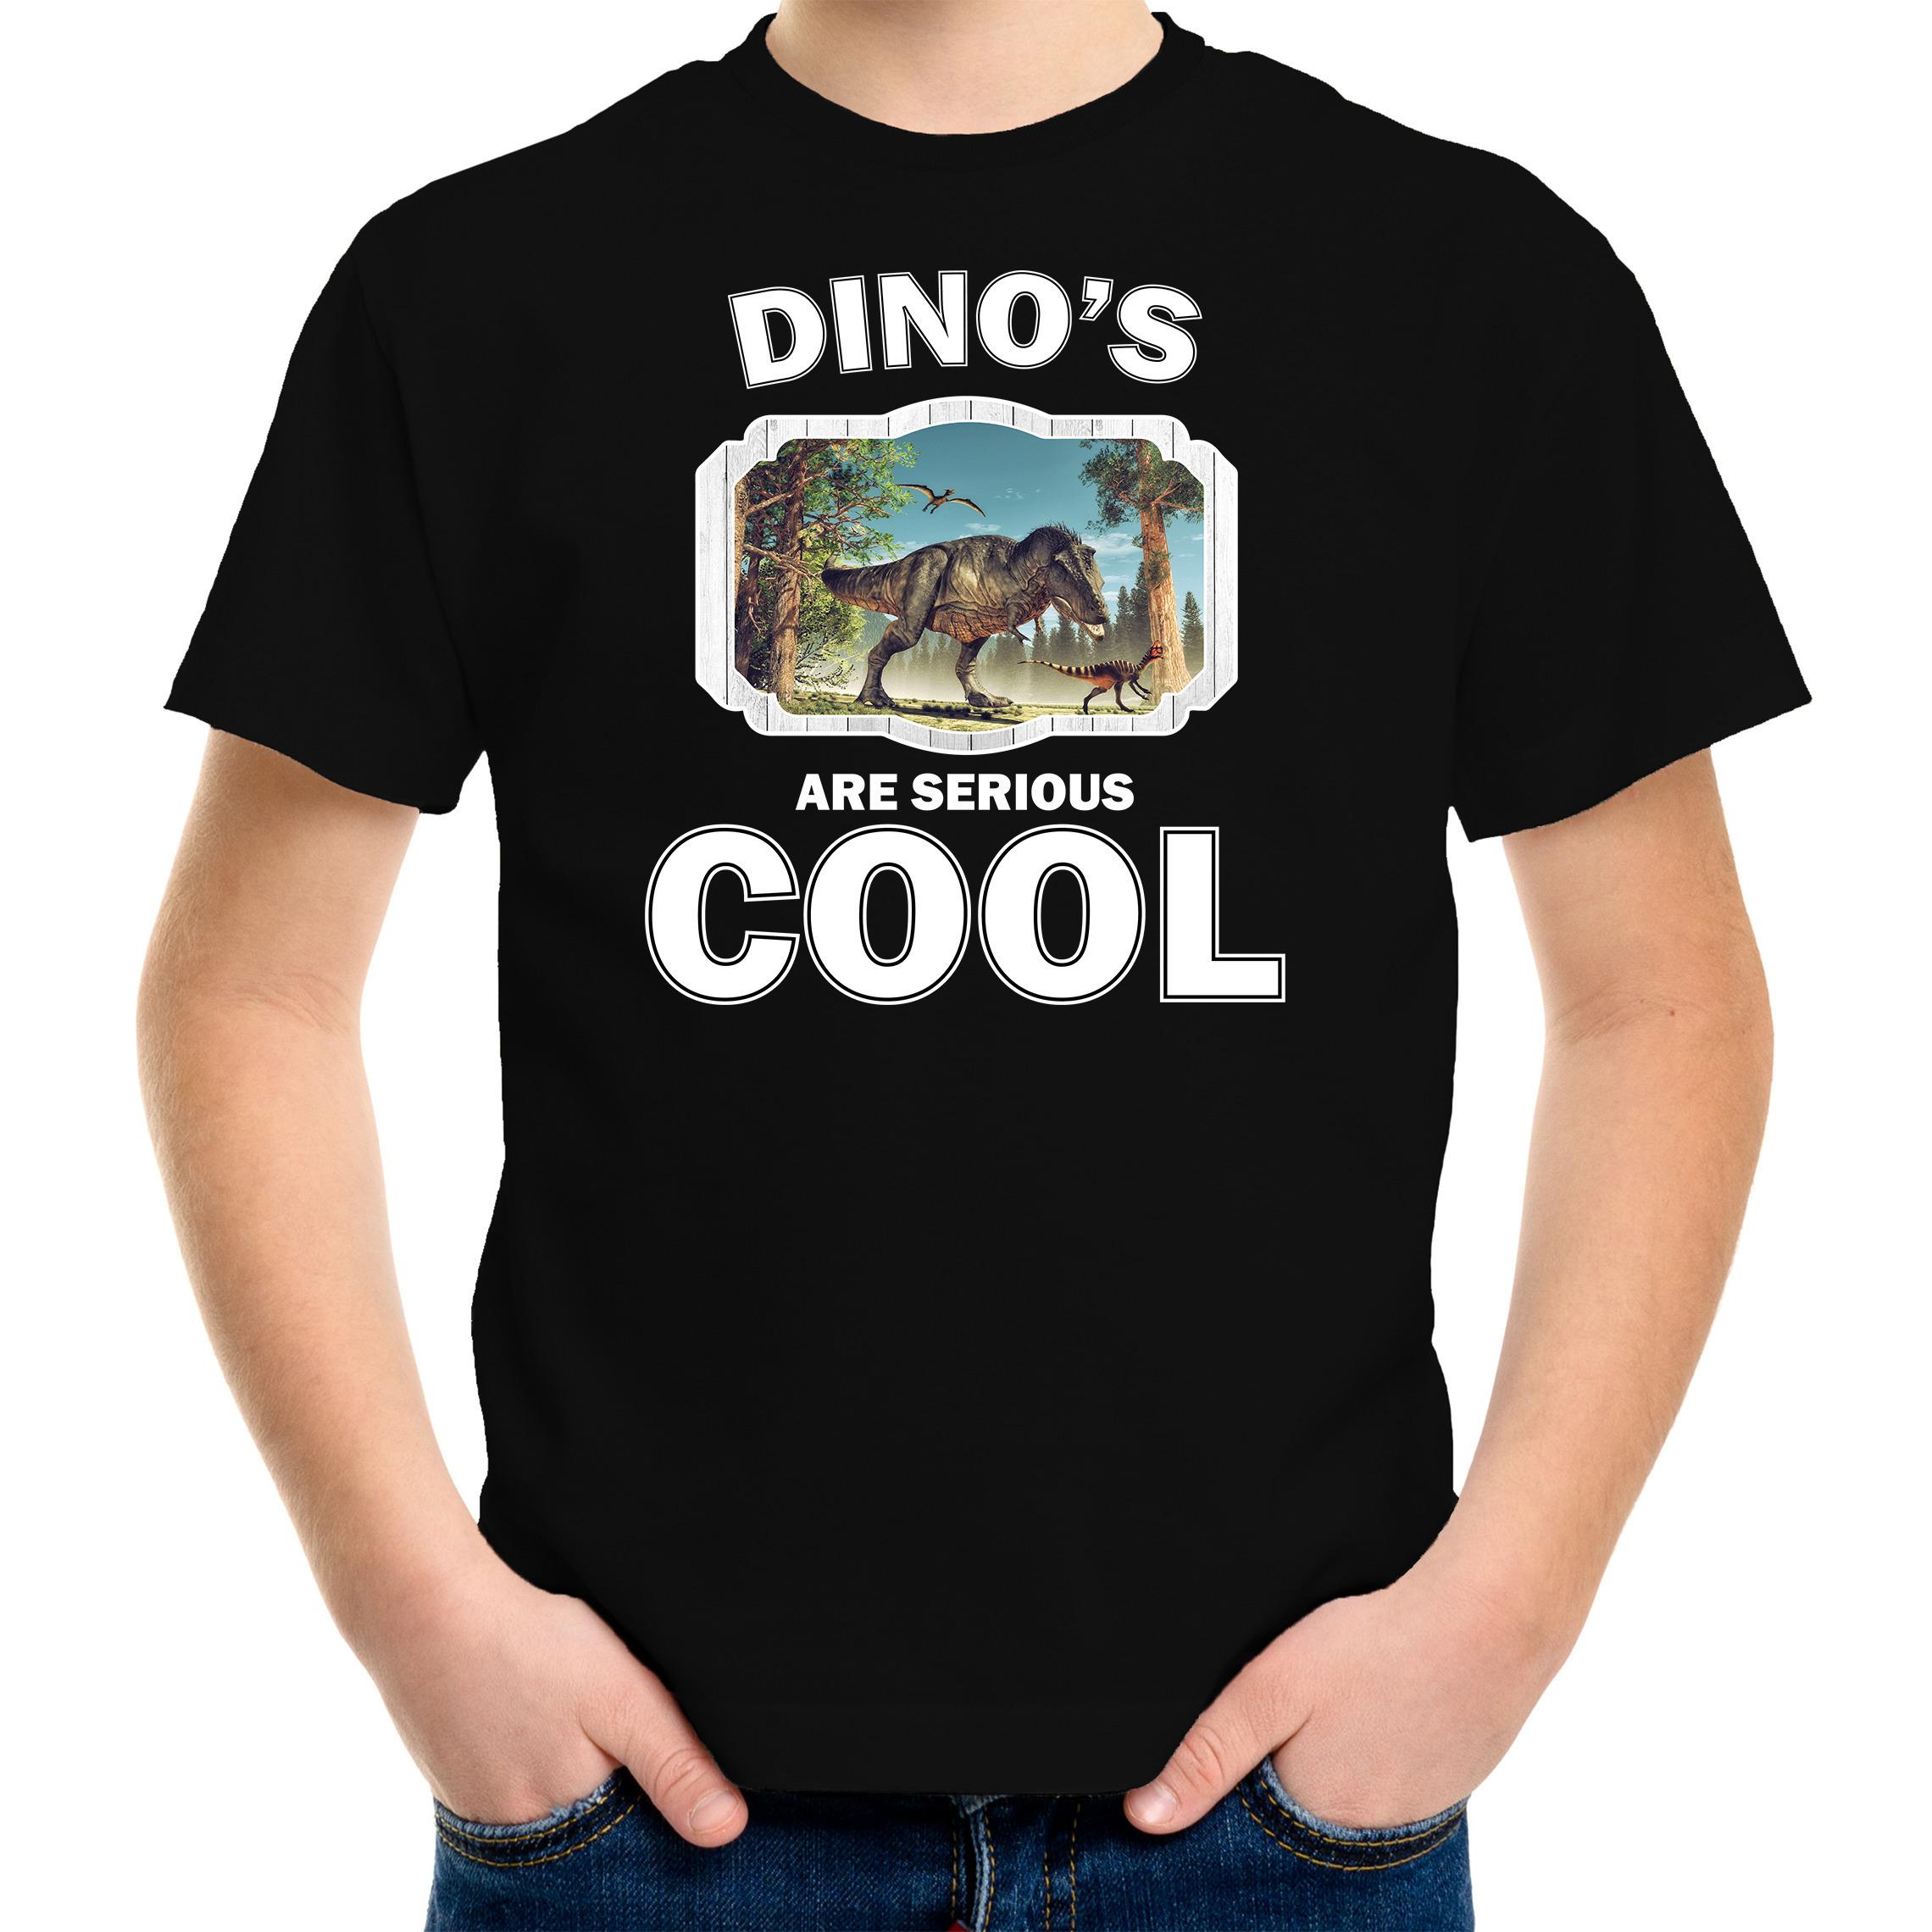 T-shirt dinosaurs are serious cool zwart kinderen - dinosaurussen/ t-rex dinosaurus shirt